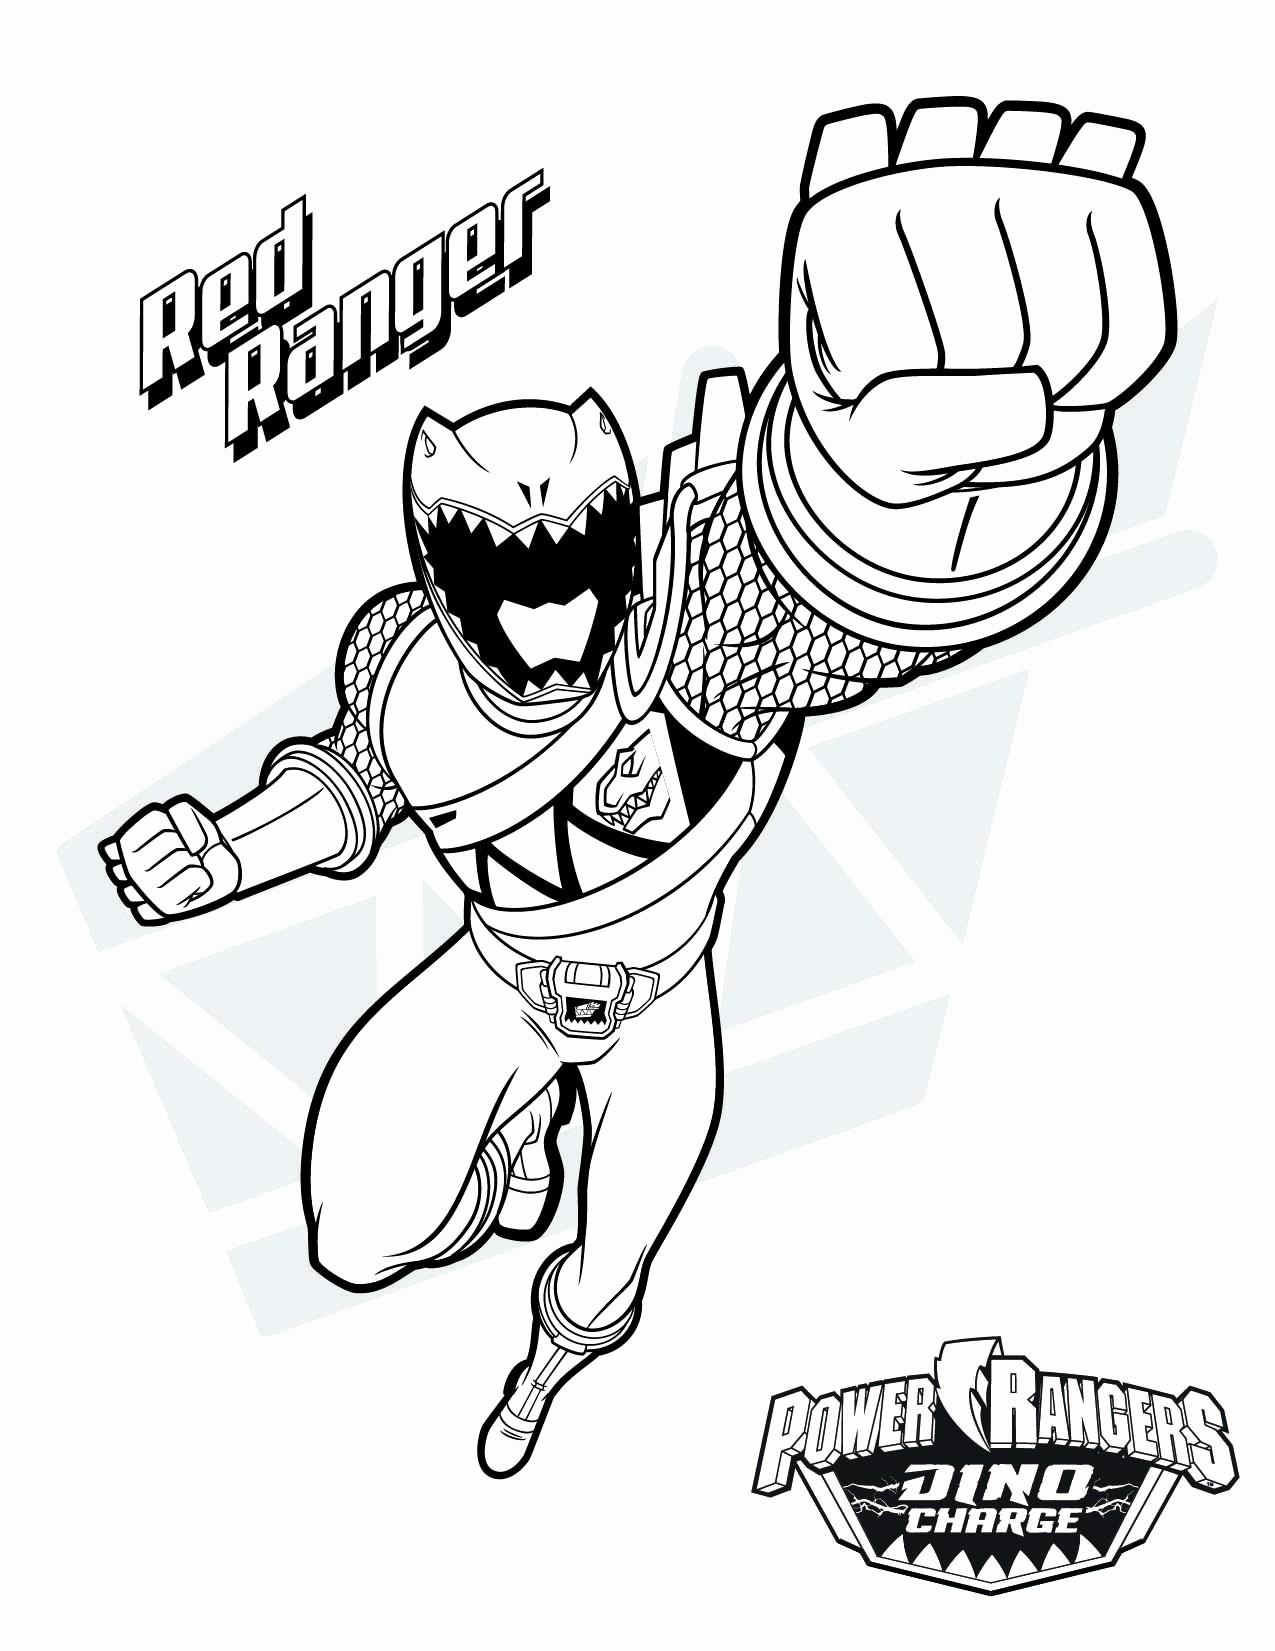 Power Rangers Rpm Coloring Pages | Power rangers samurai | 1651x1275